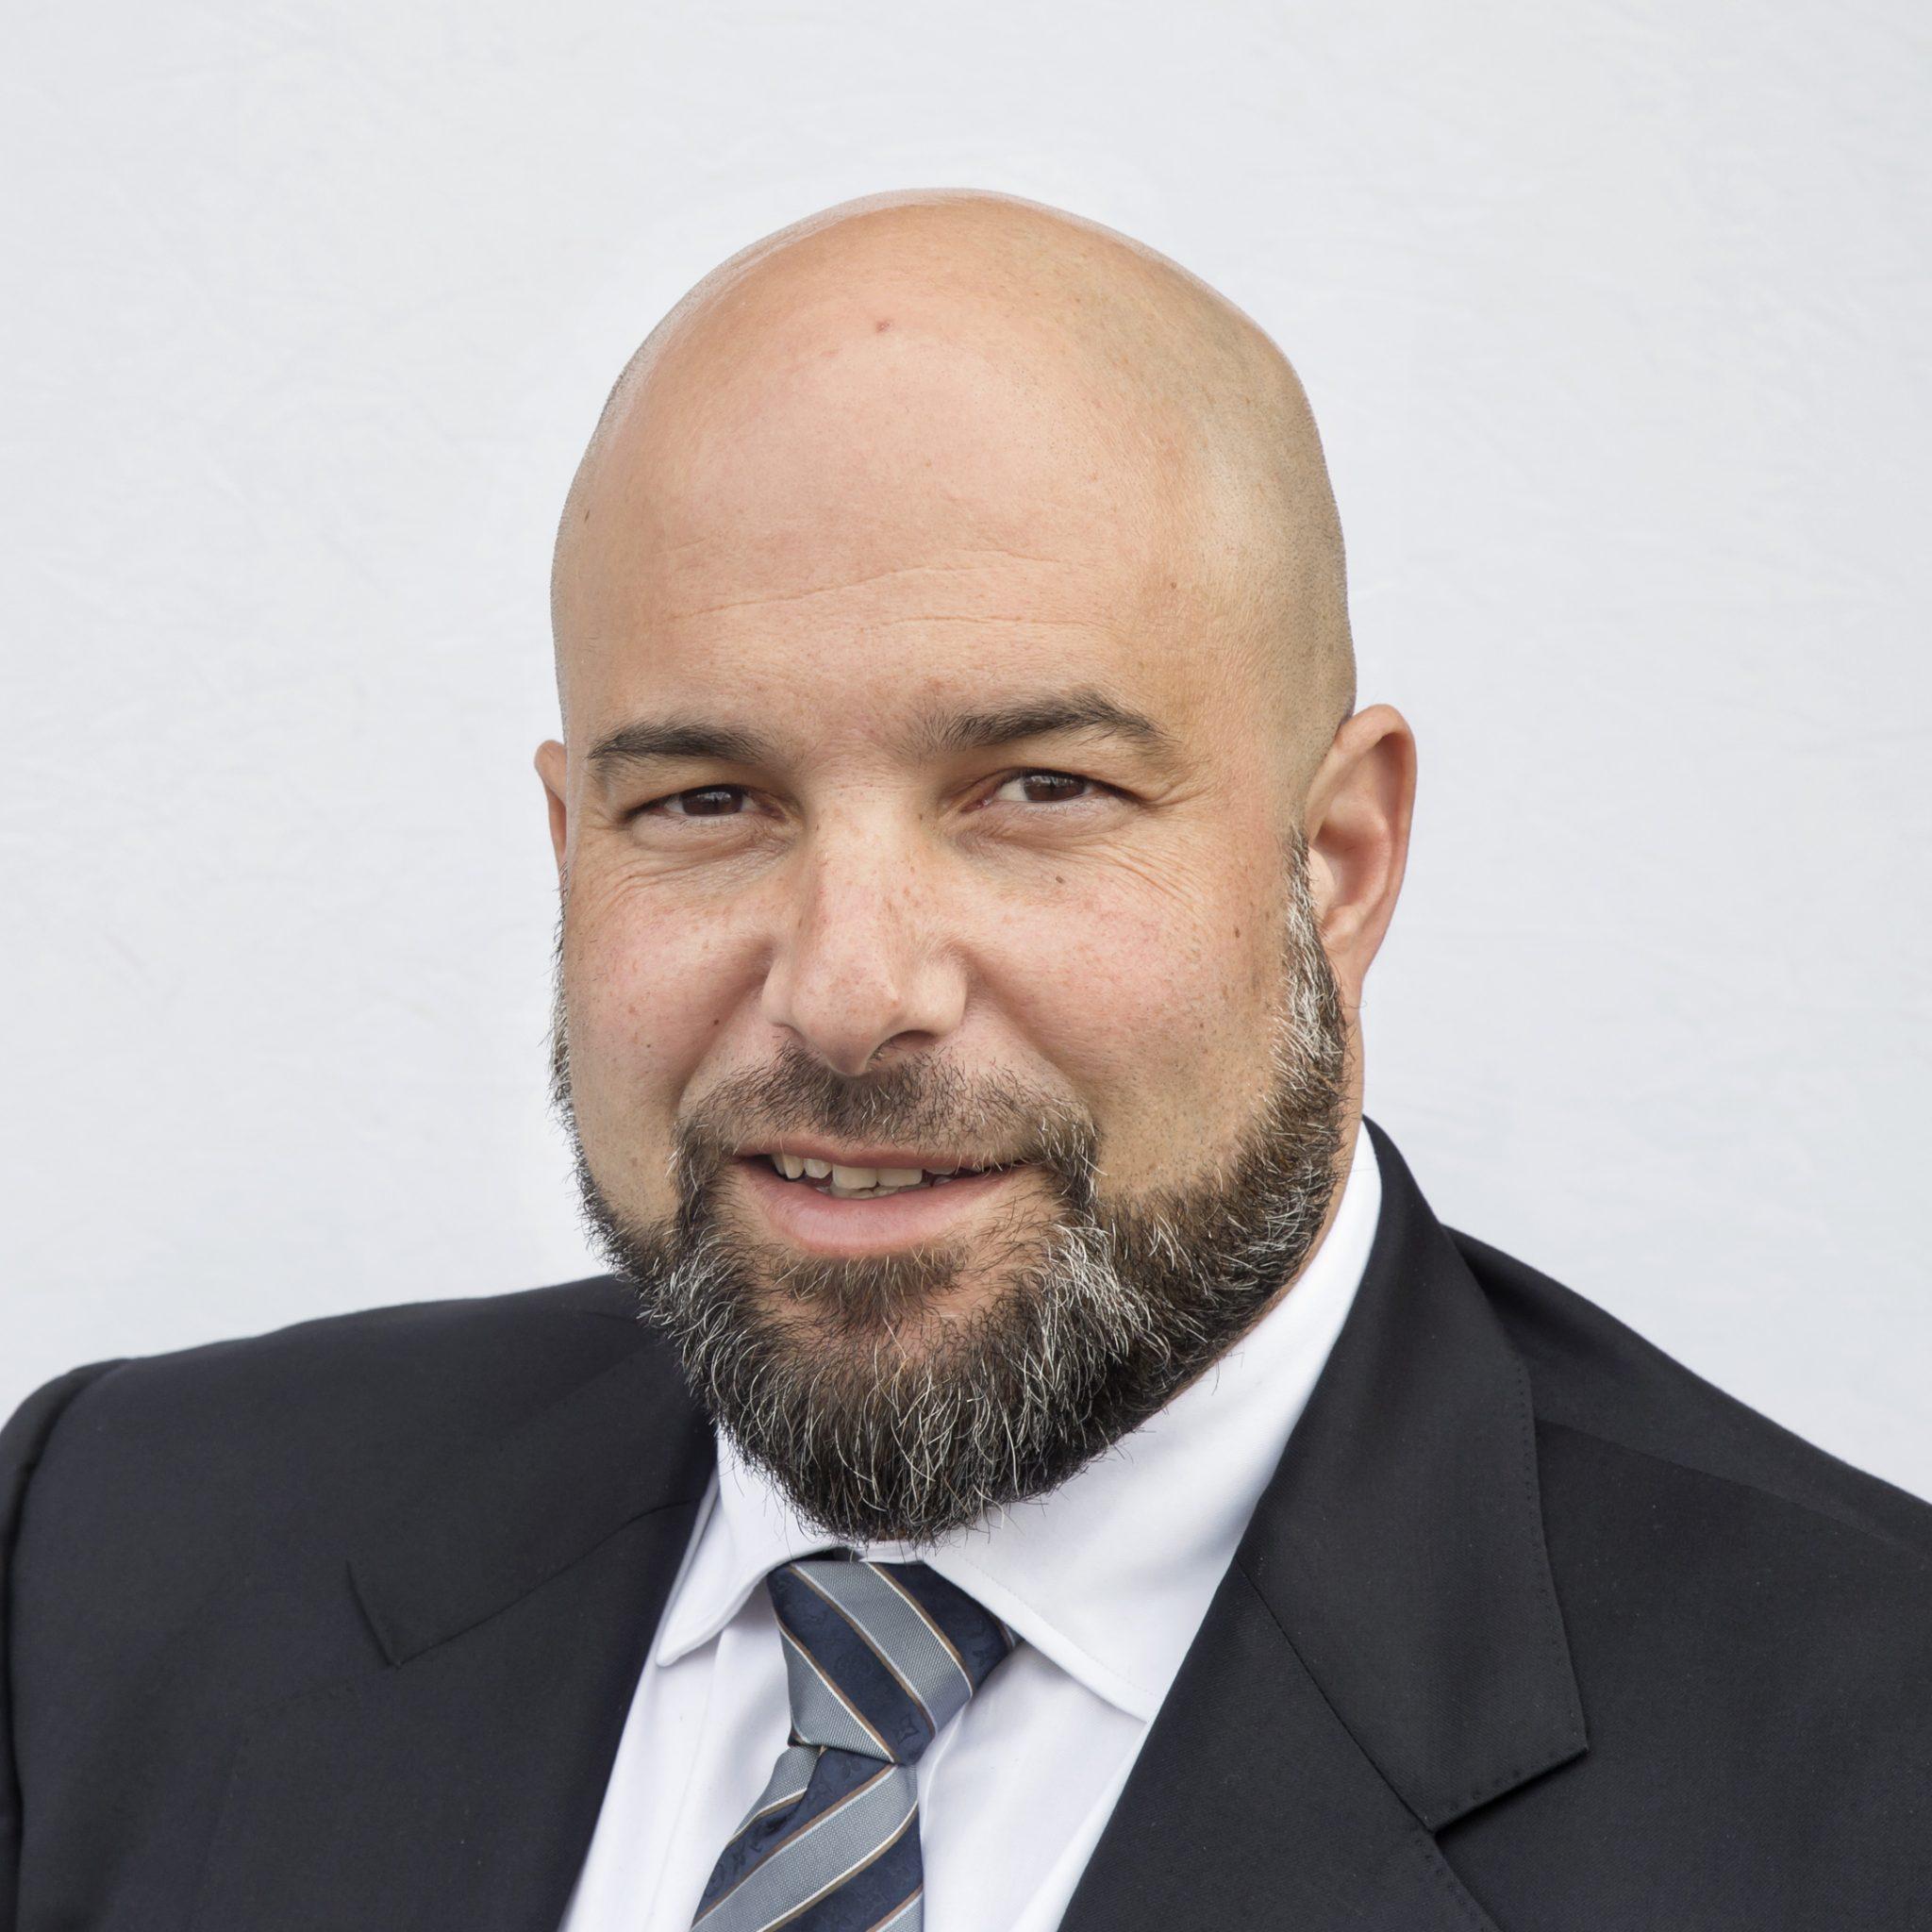 Michael A. Cinicolo